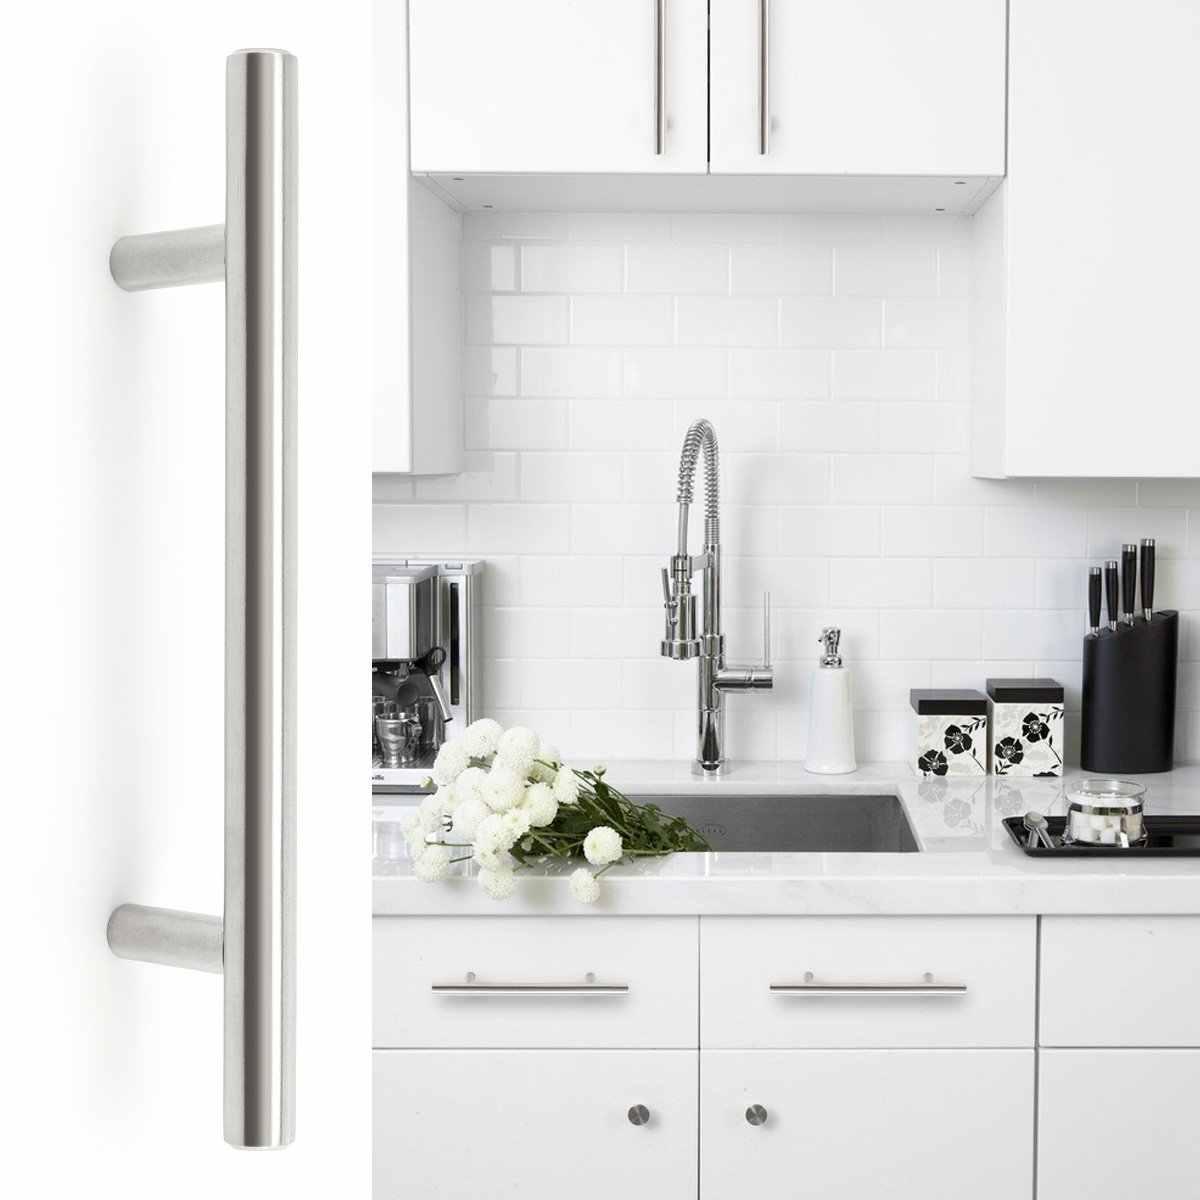 Новые кухонные дверные ручки из нержавеющей стали с Т-образной планкой 96 мм